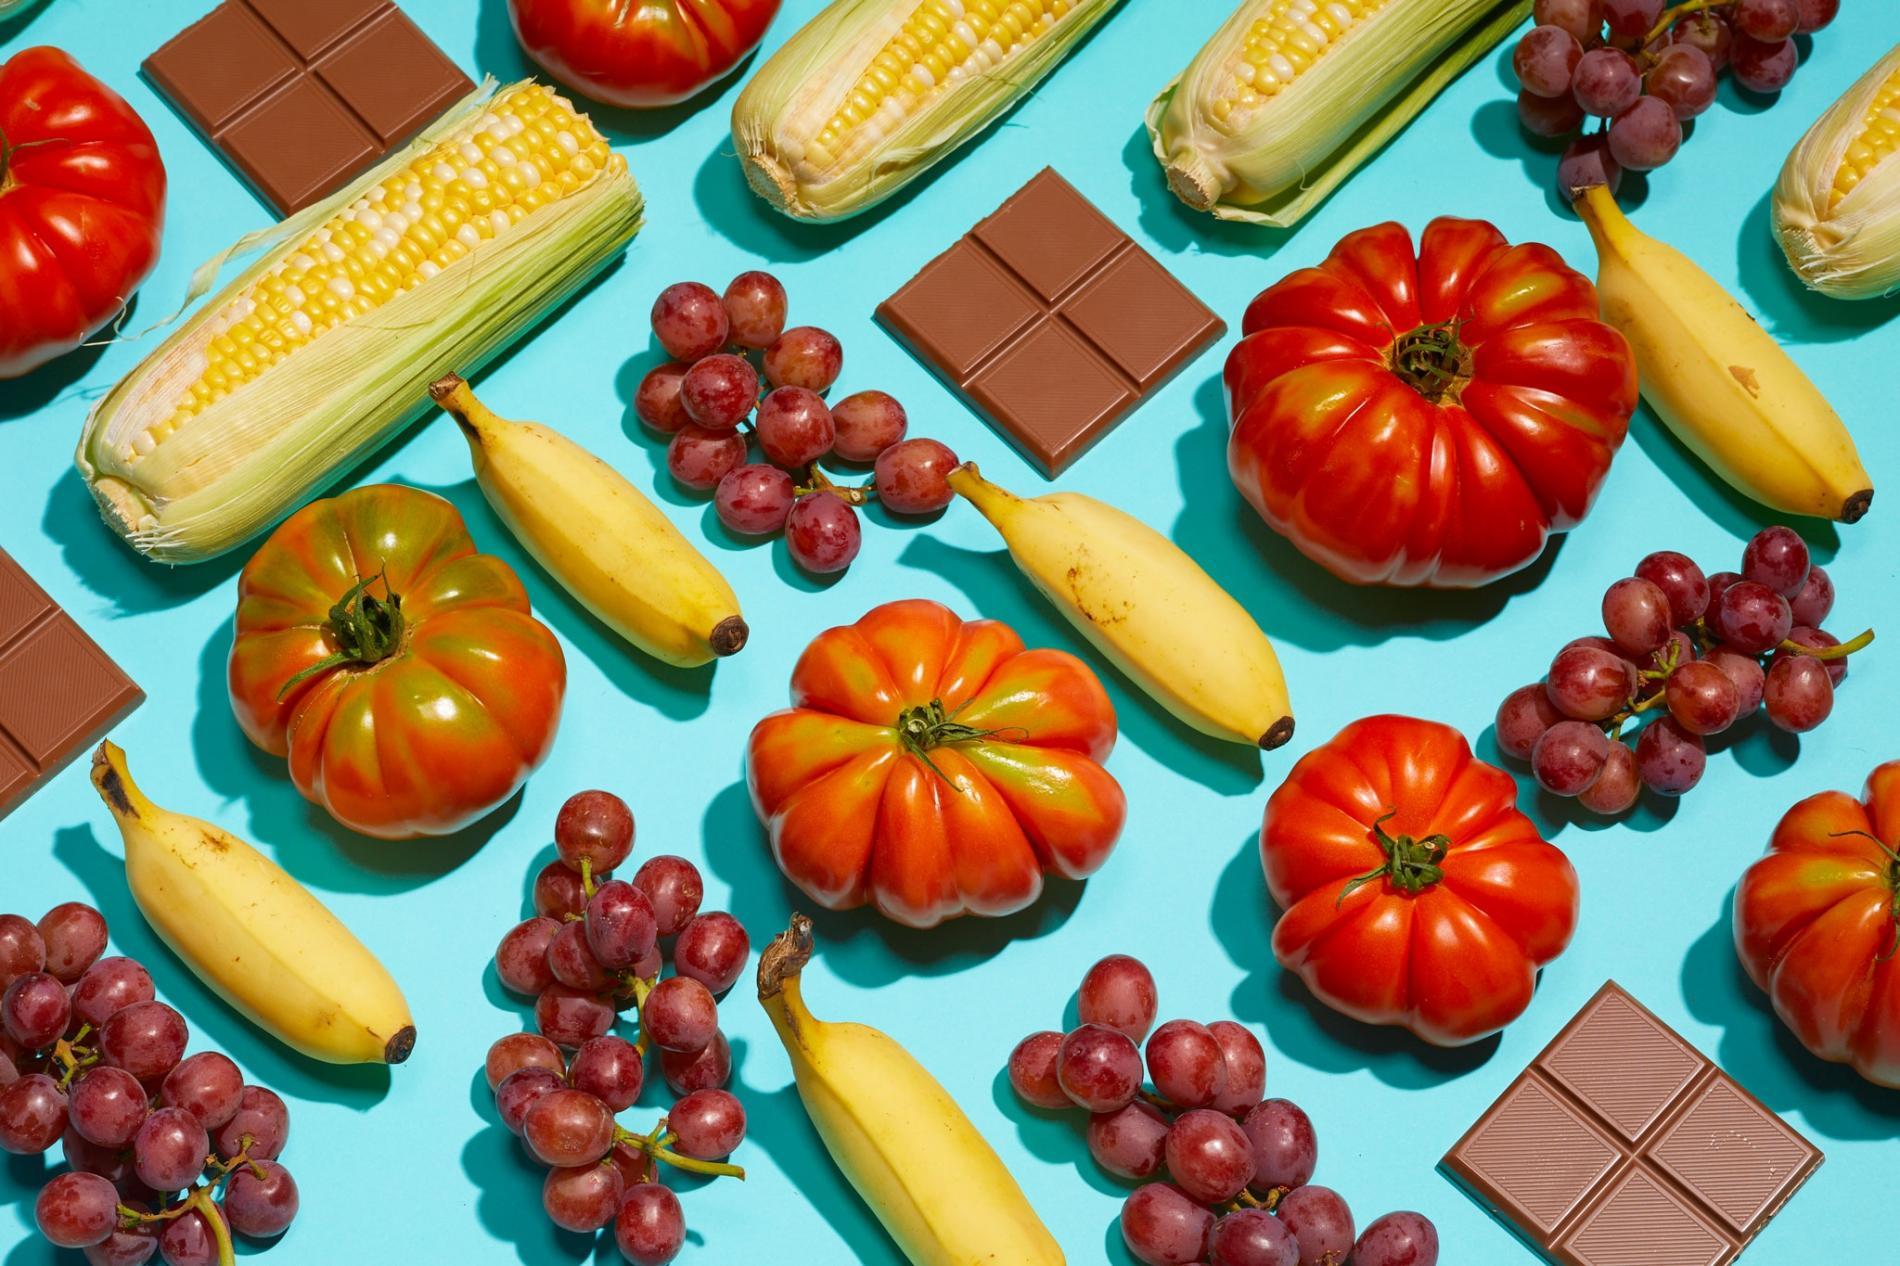 Μεταλλαγμένα Τρόφιμα Αγγλία: Ξεκίνησε διαβούλευση σχετικά με την γονιδιακή επεξεργασία των τροφών